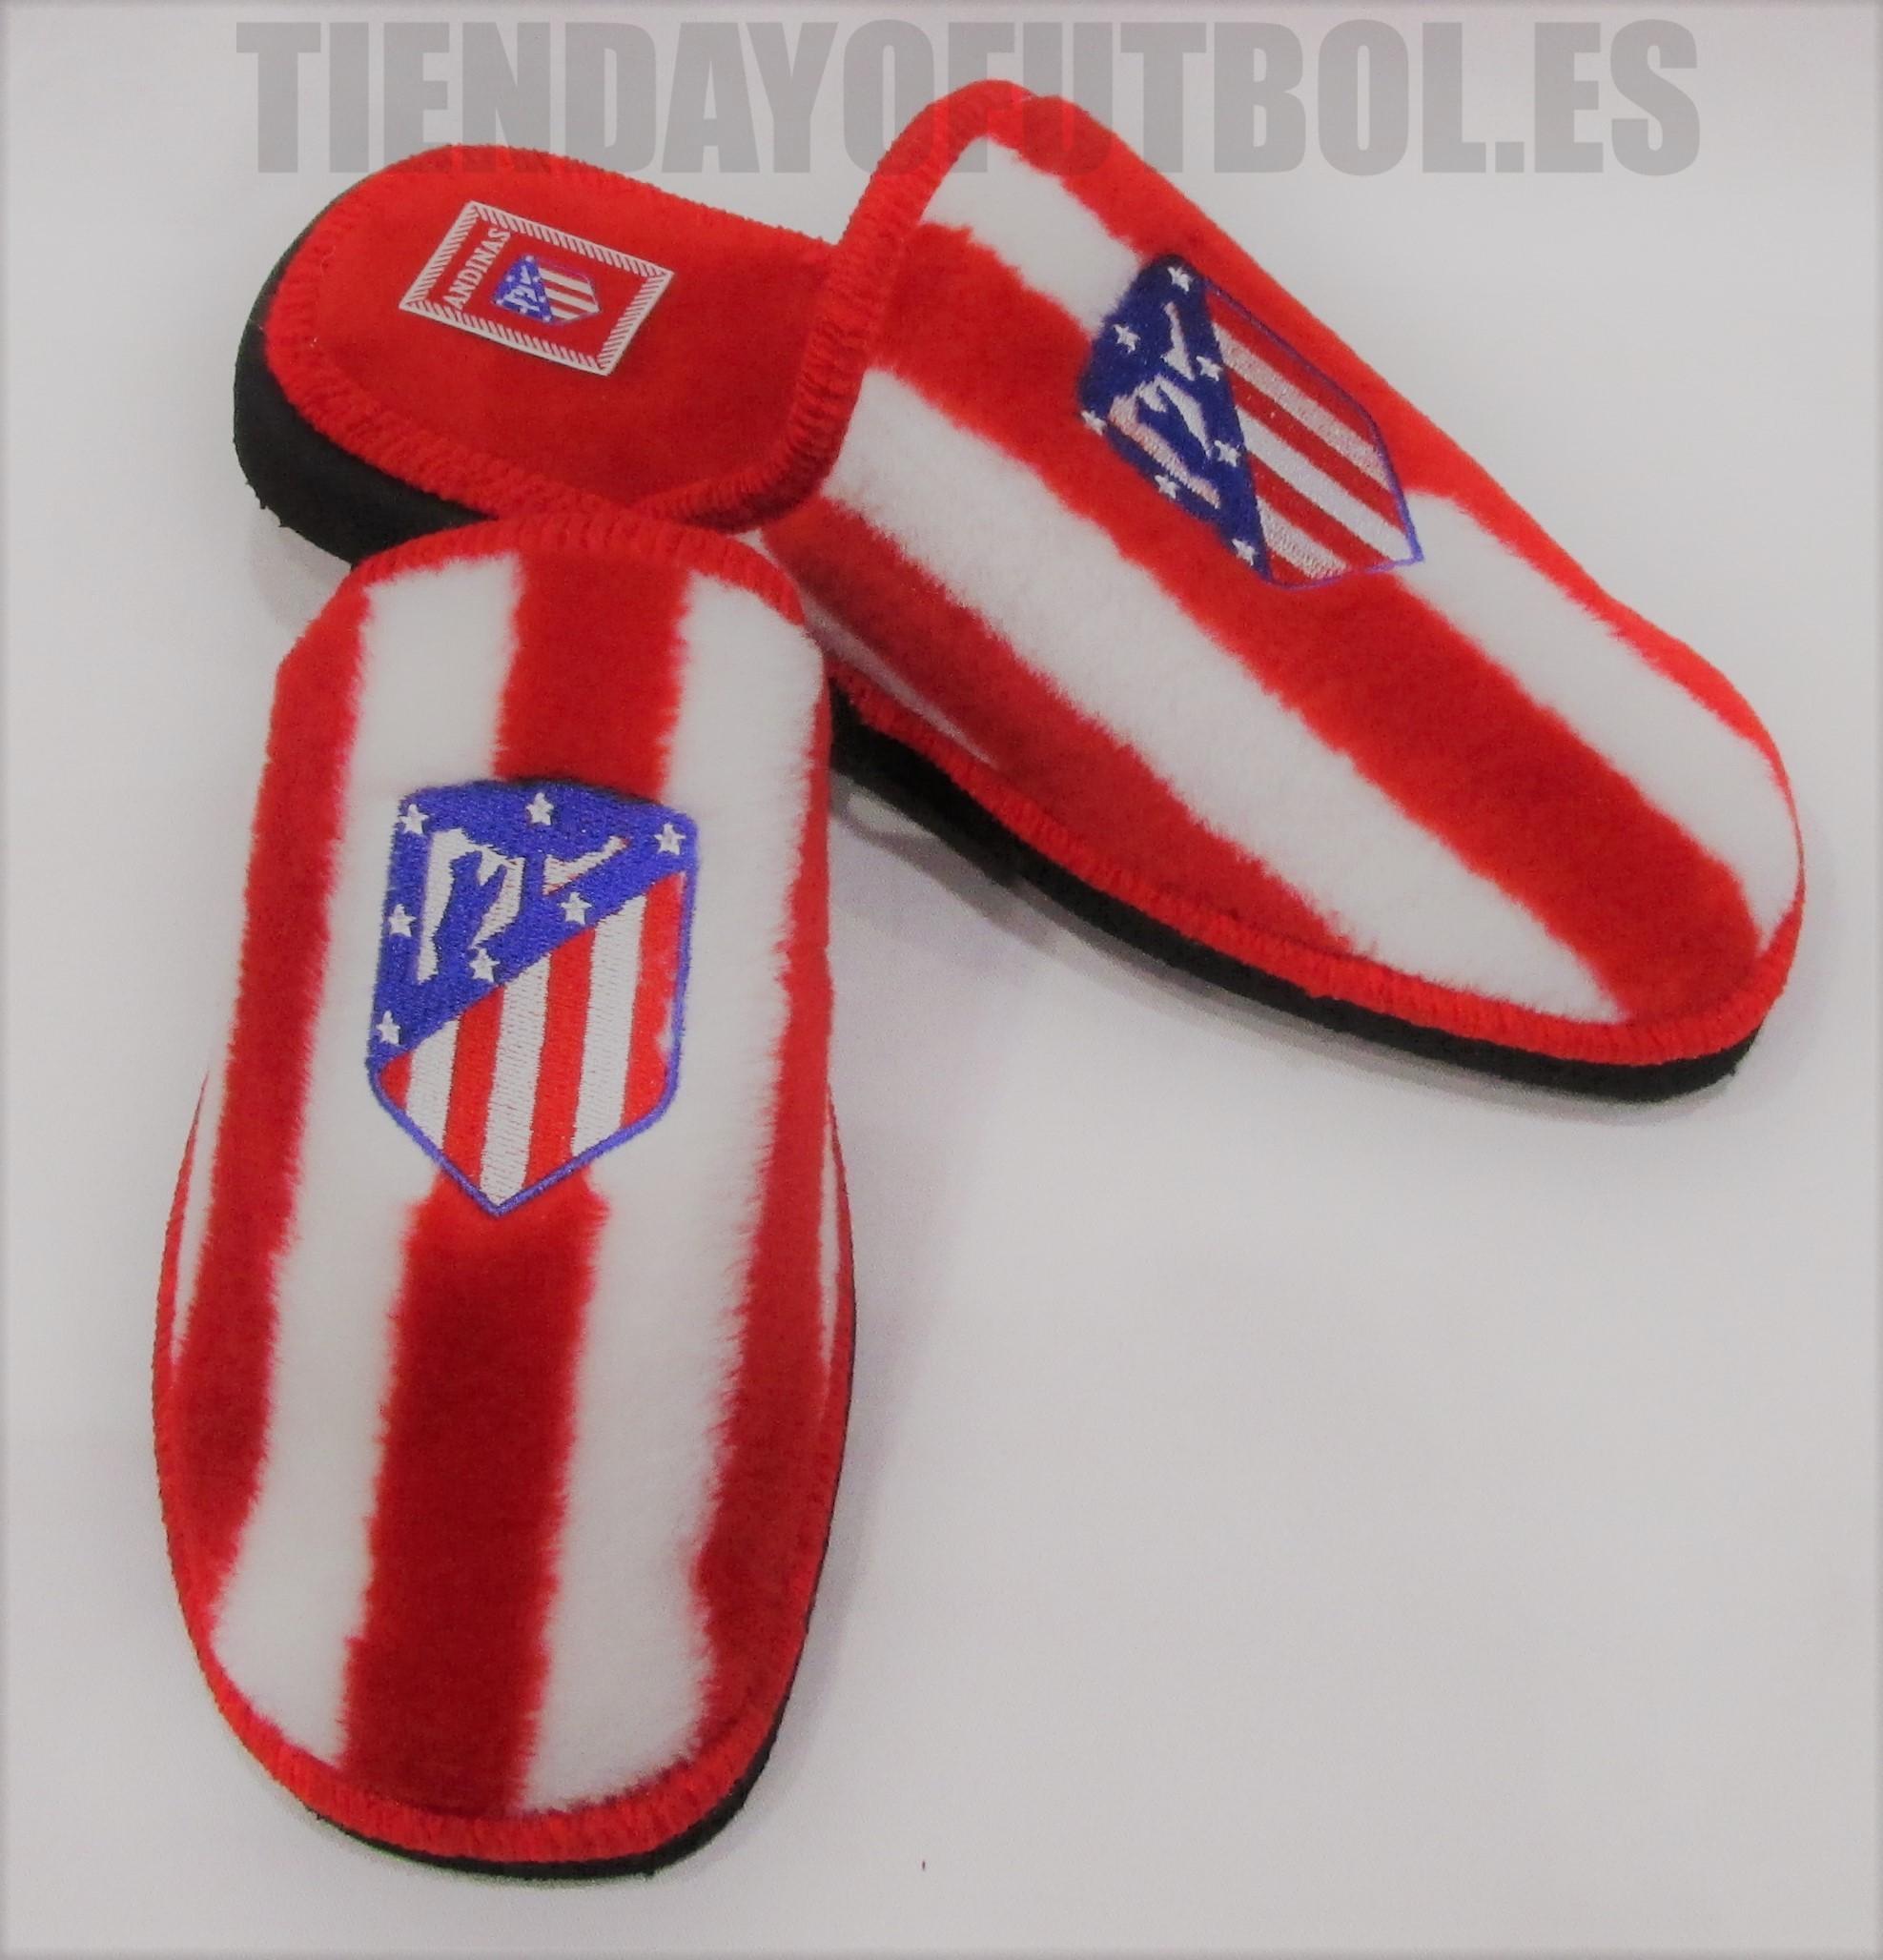 87d8ff8e Zapatillas casa atletico Madrid | Zapatillas casa atletico Madrid baratas  |Atlétic Zapatillas